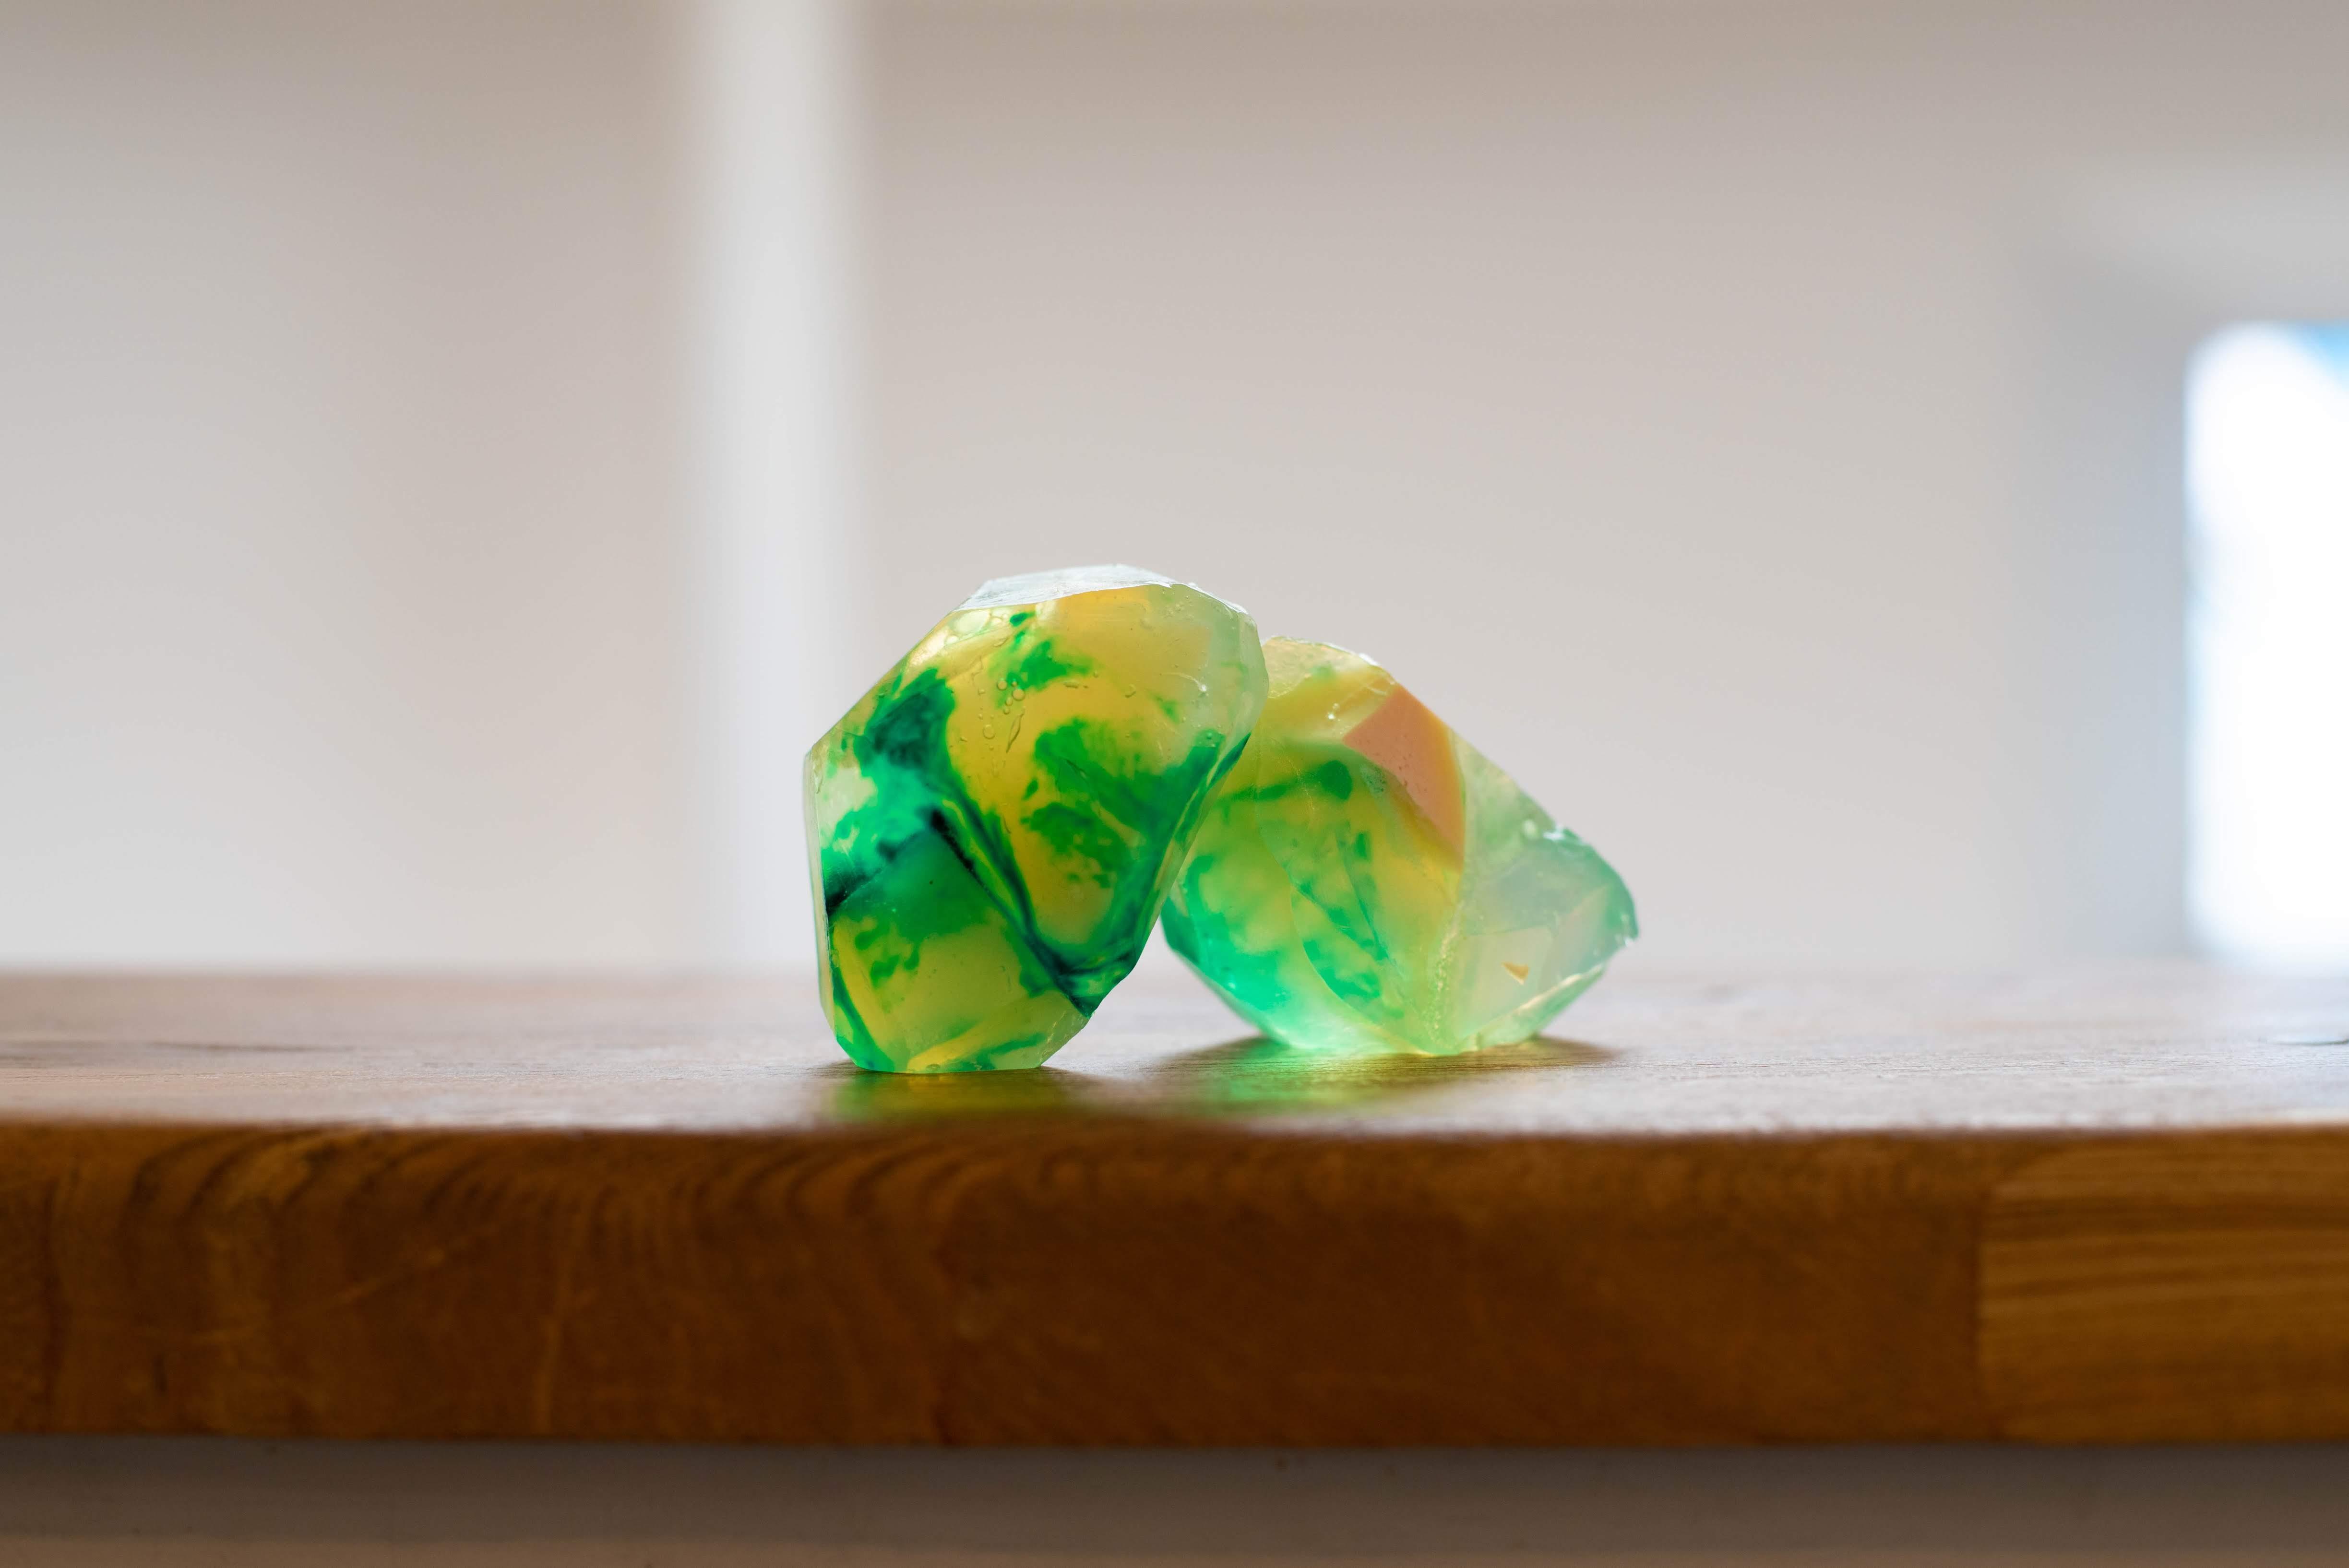 宝石石鹸の輝き